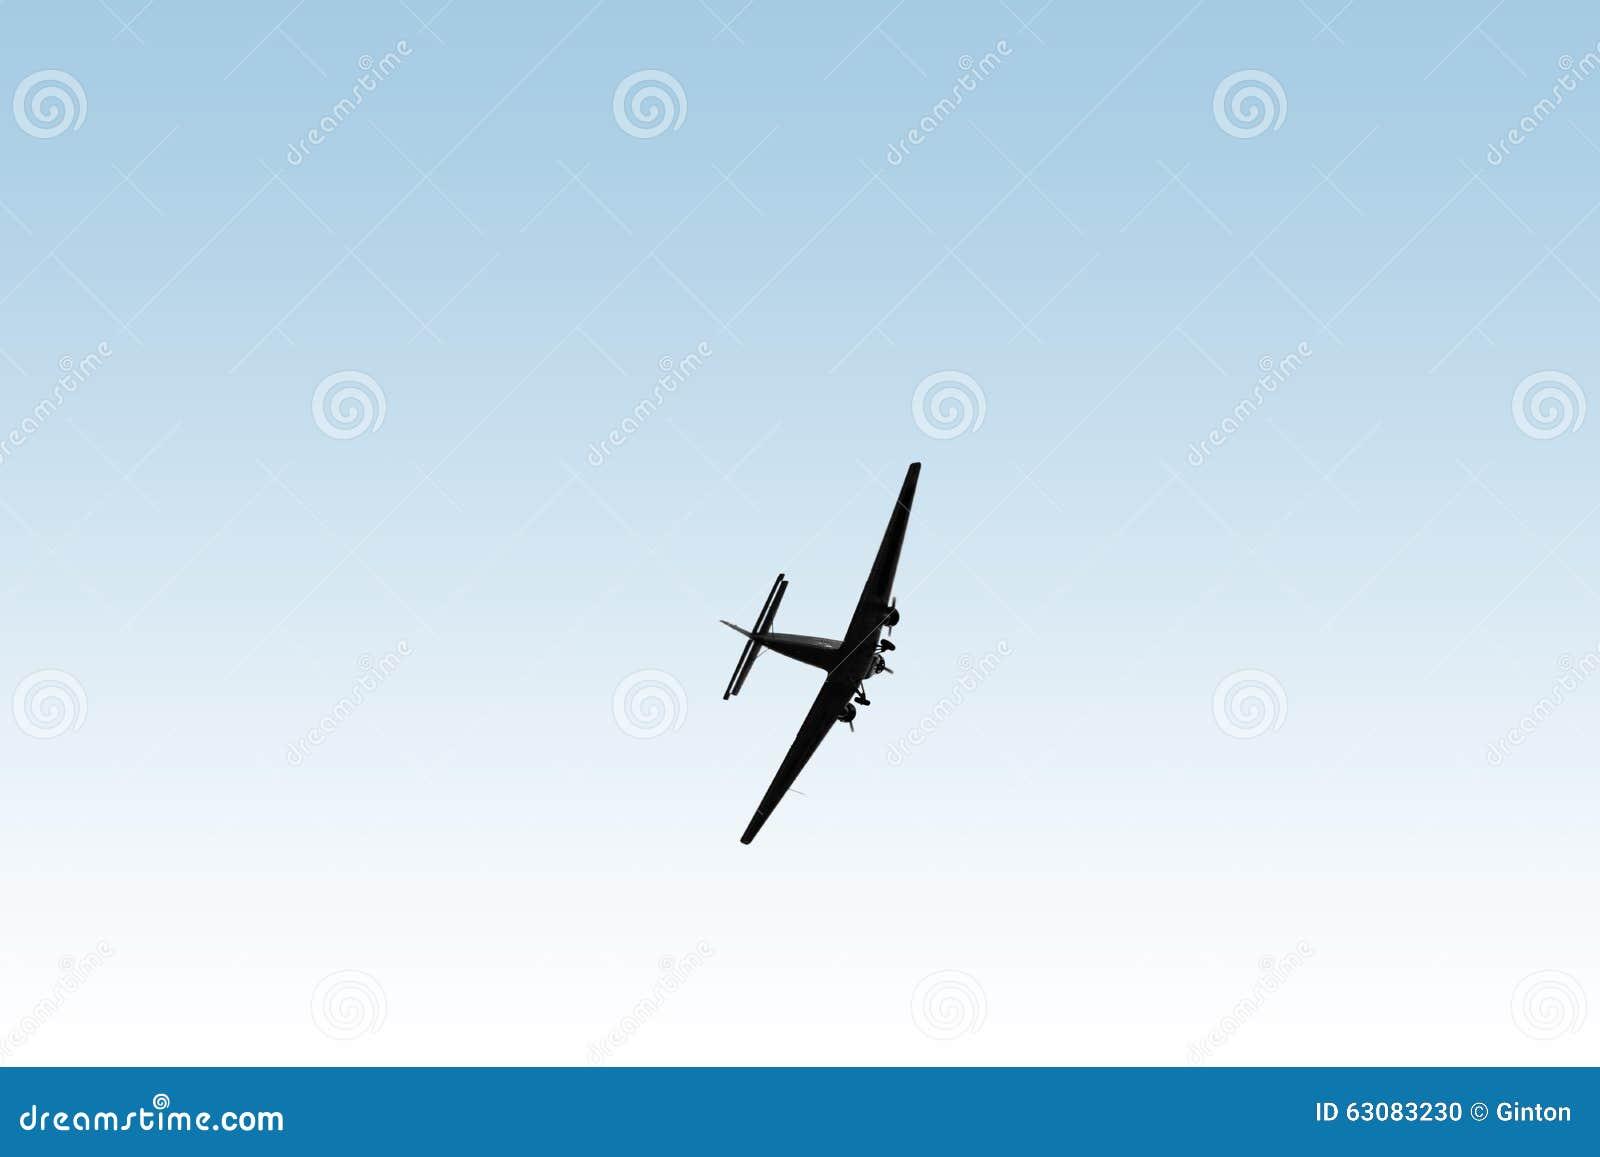 Download Avions De Ju 52/3m De Vieux Clous Photo stock - Image du moteur, vieux: 63083230